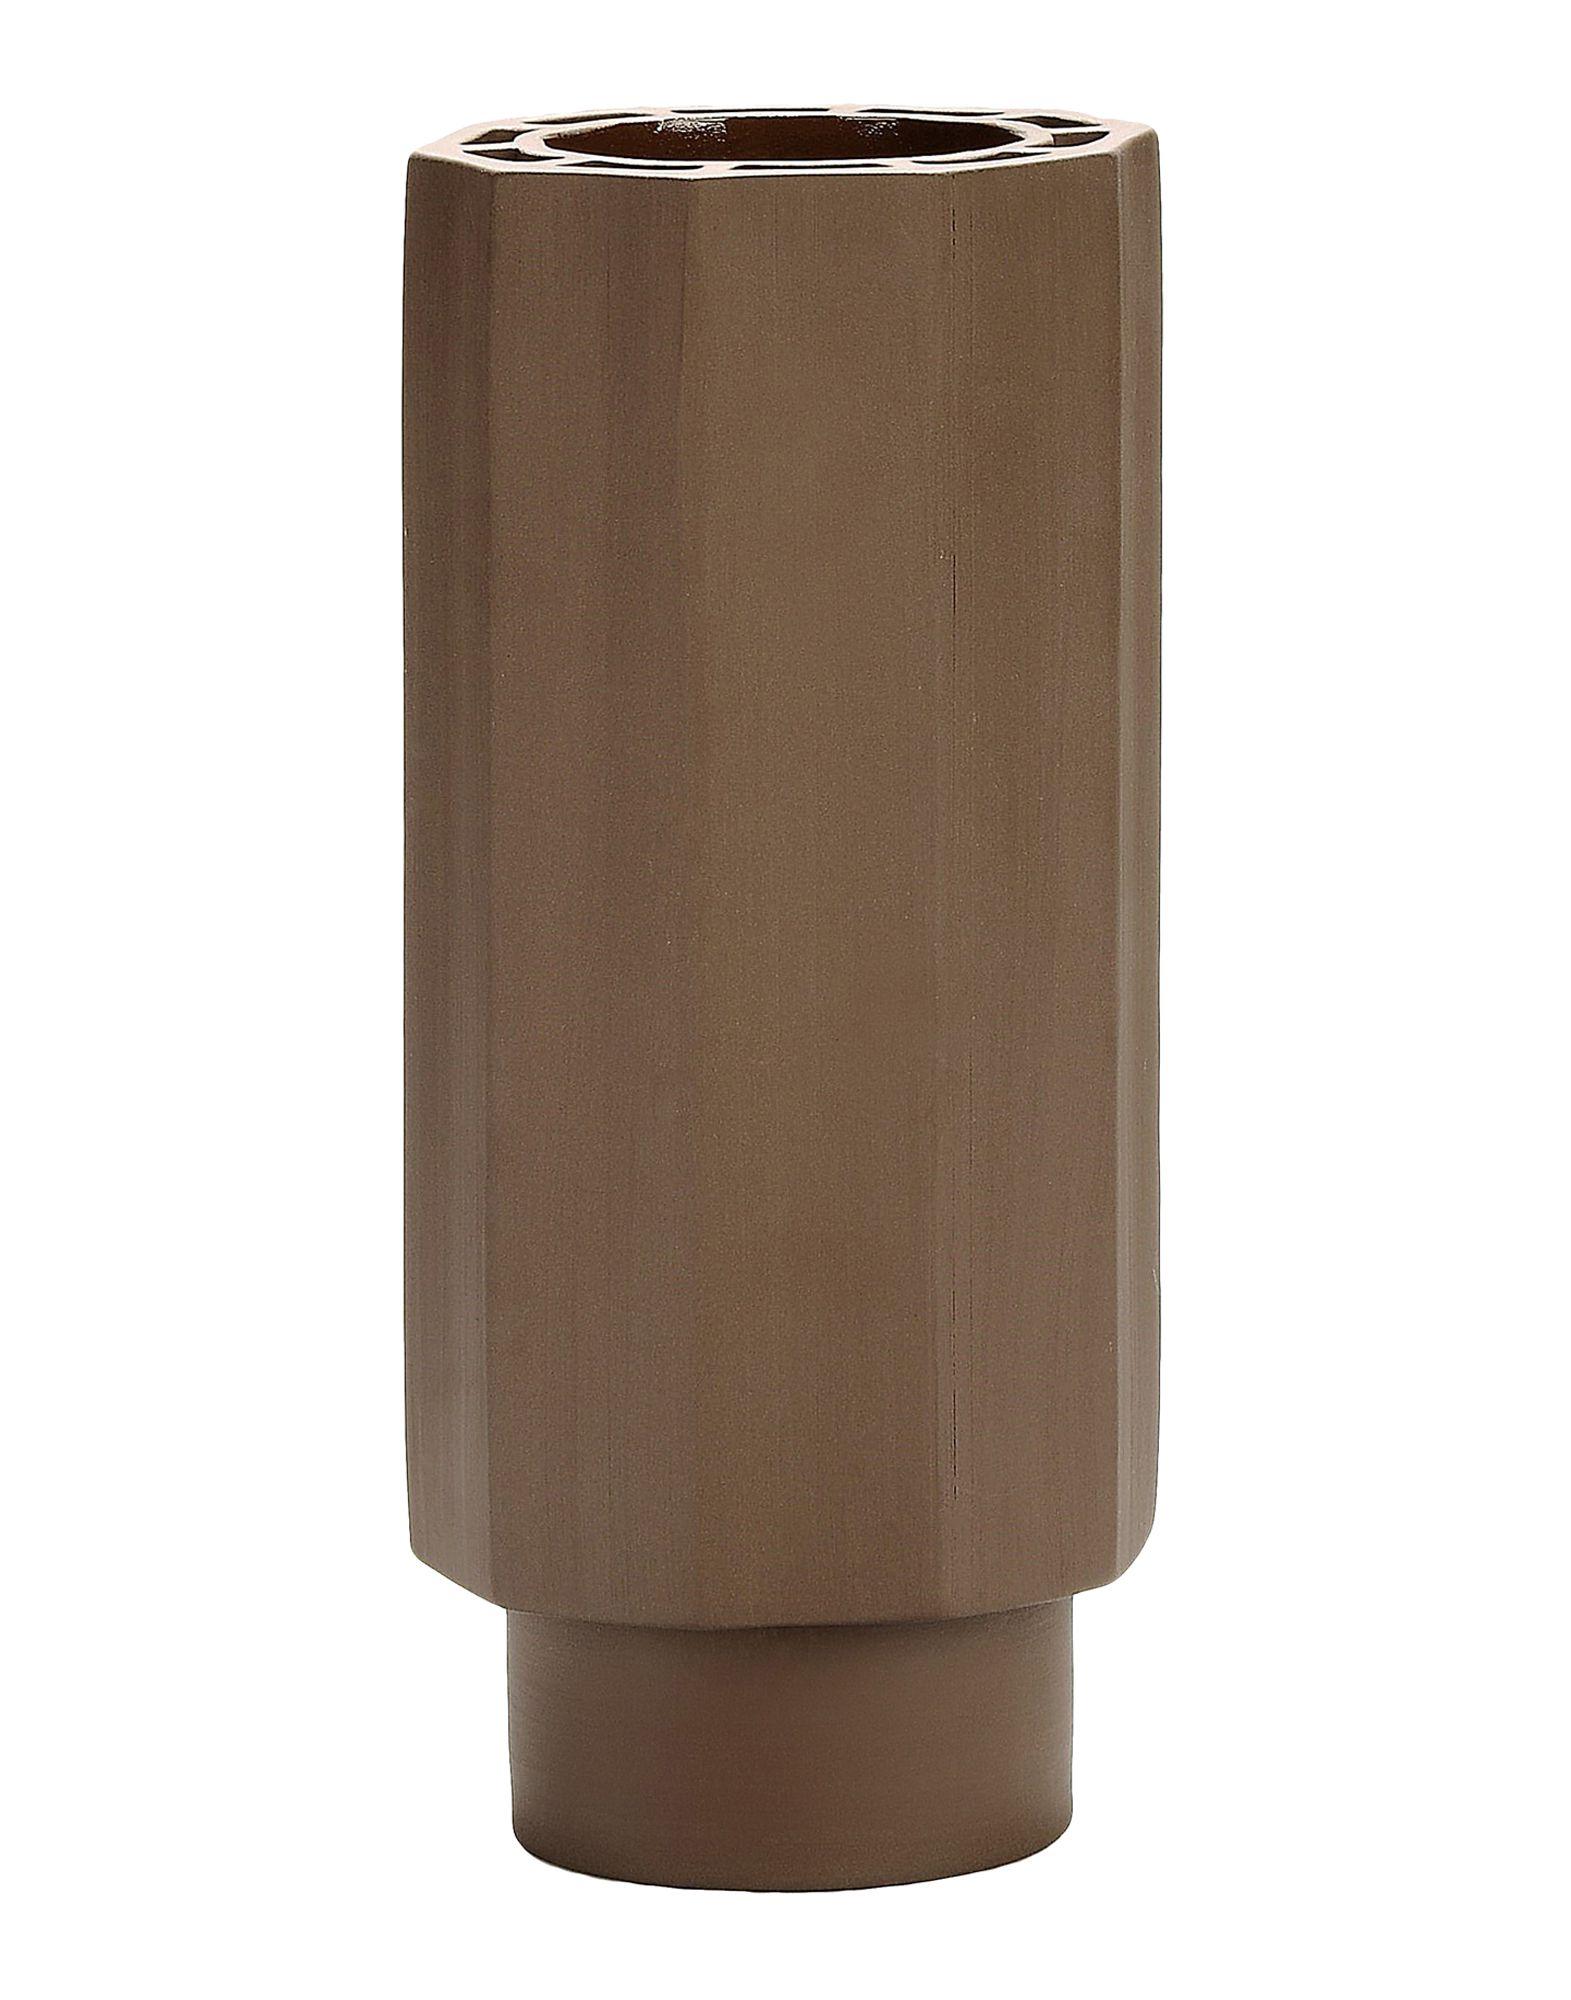 《送料無料》SOMETHING GOOD Unisex ベース ココア 陶製 EXTRA